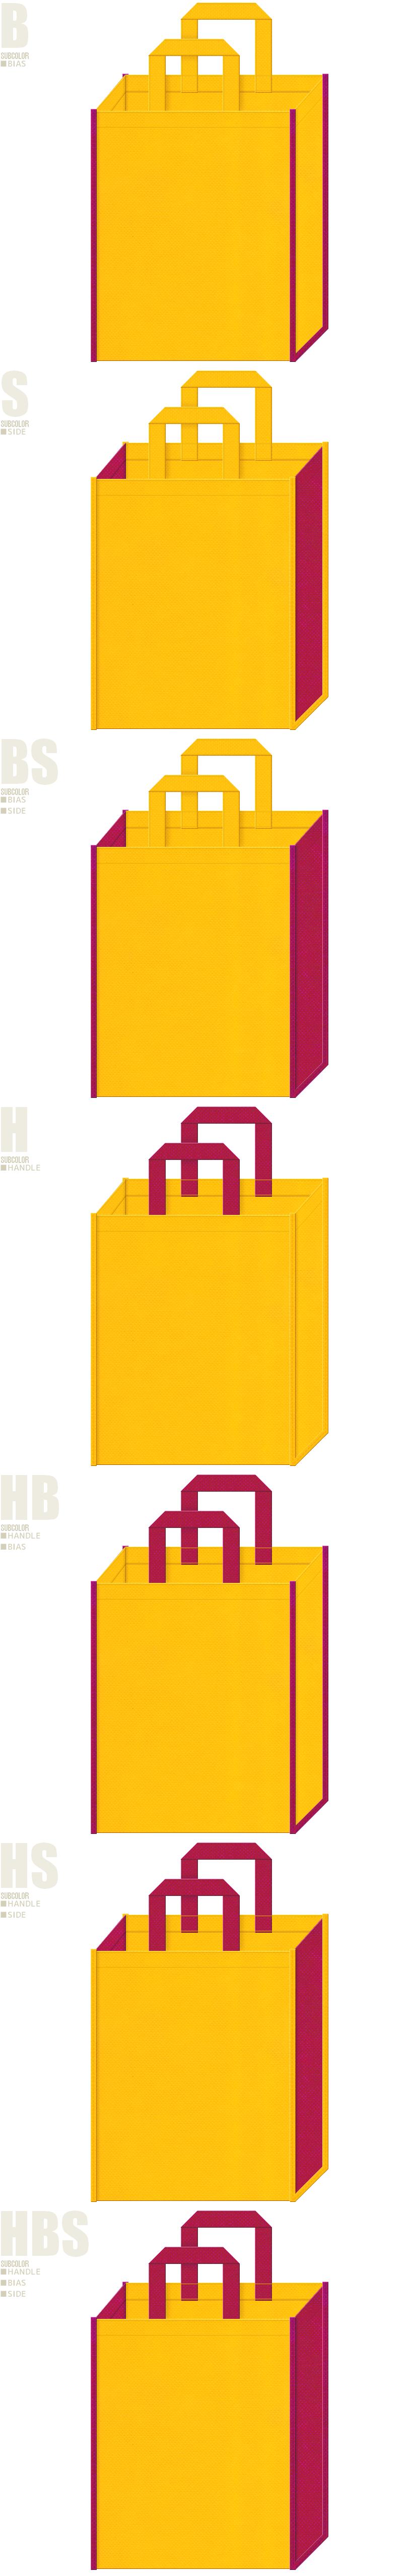 観光・南国リゾート・トロピカル・おもちゃ・テーマパーク・ゲーム・キッズイベントにお奨めの不織布バッグデザイン:黄色と濃いピンク色の配色7パターン。